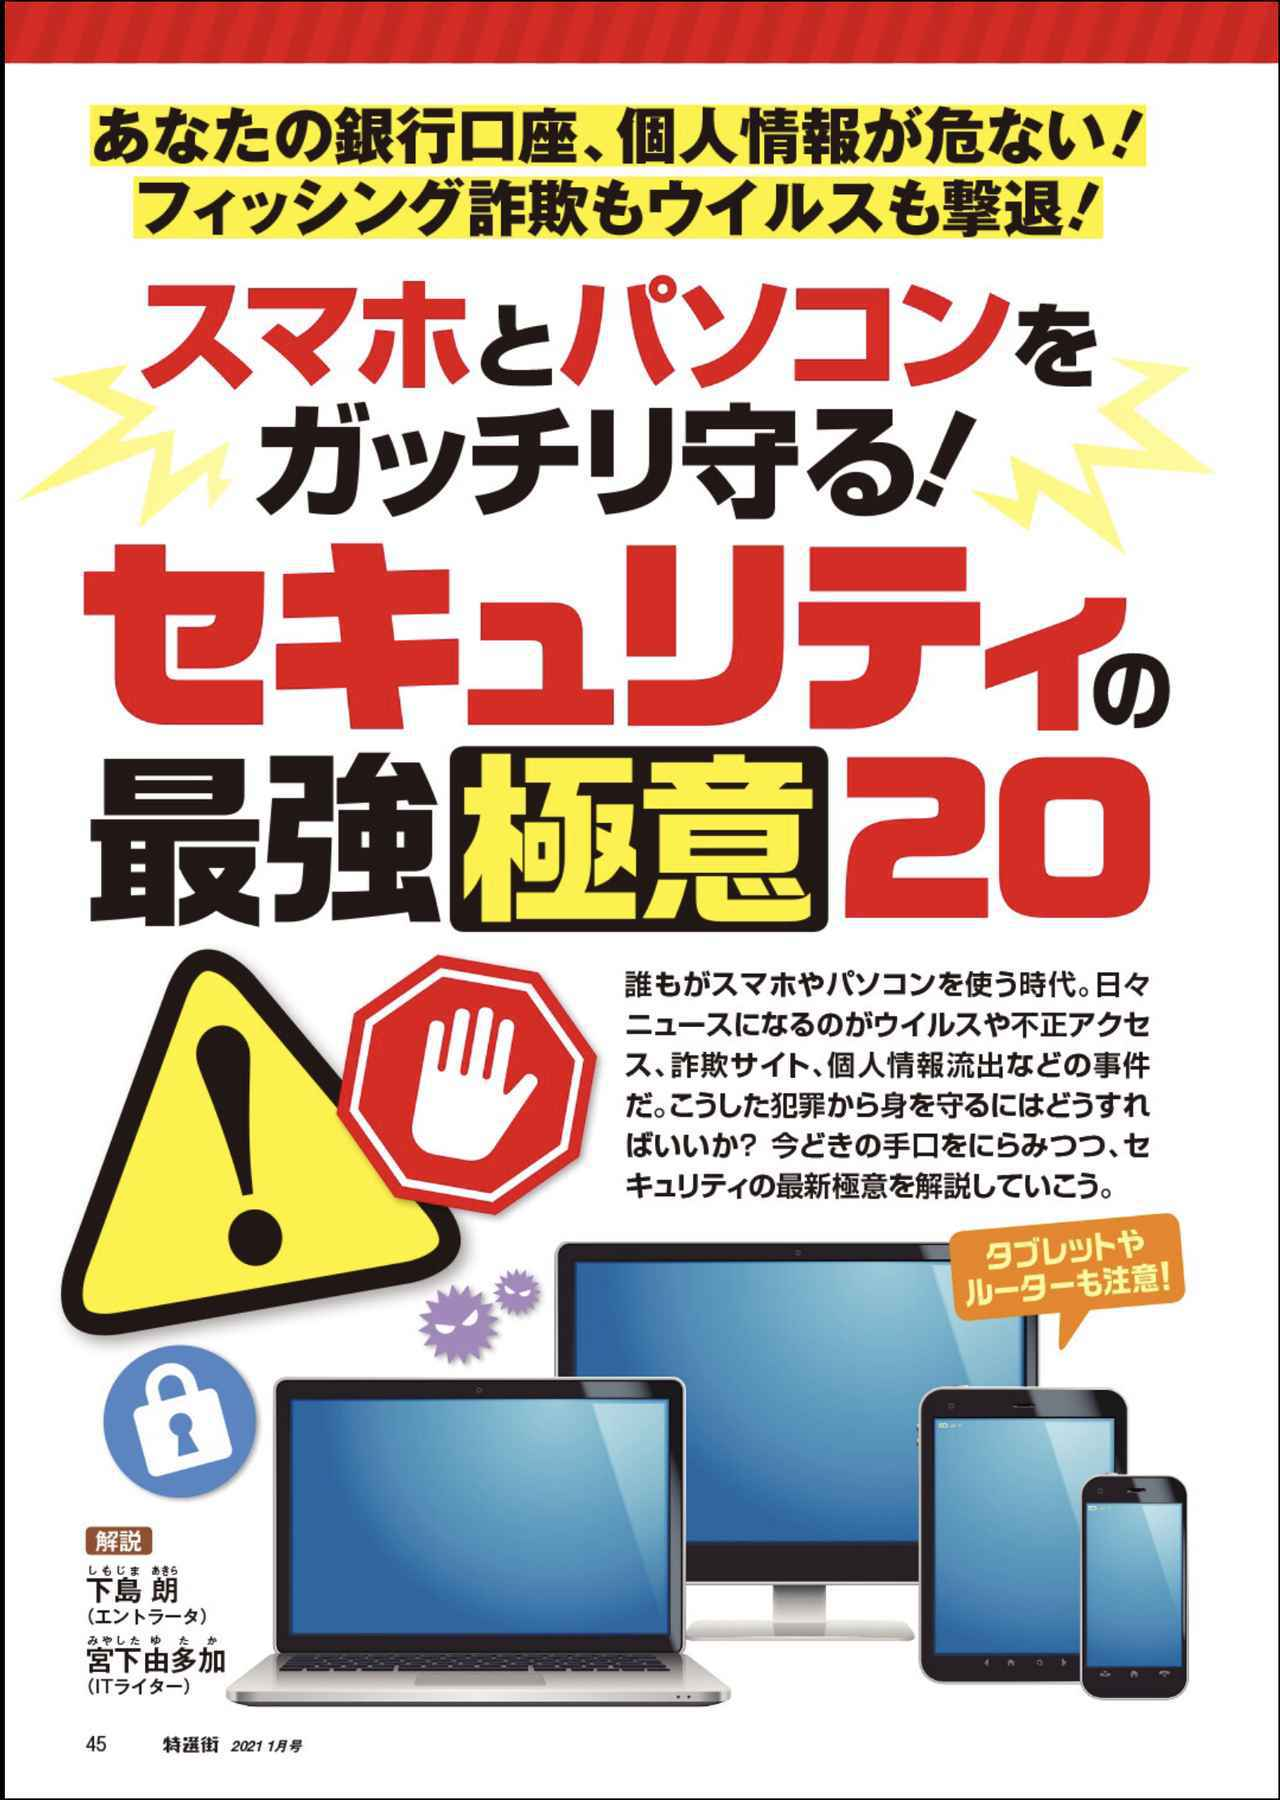 画像2: 【特選街1月号発売!】スマホの選び方・使い方、セキュリティの基本をバッチリ紹介!